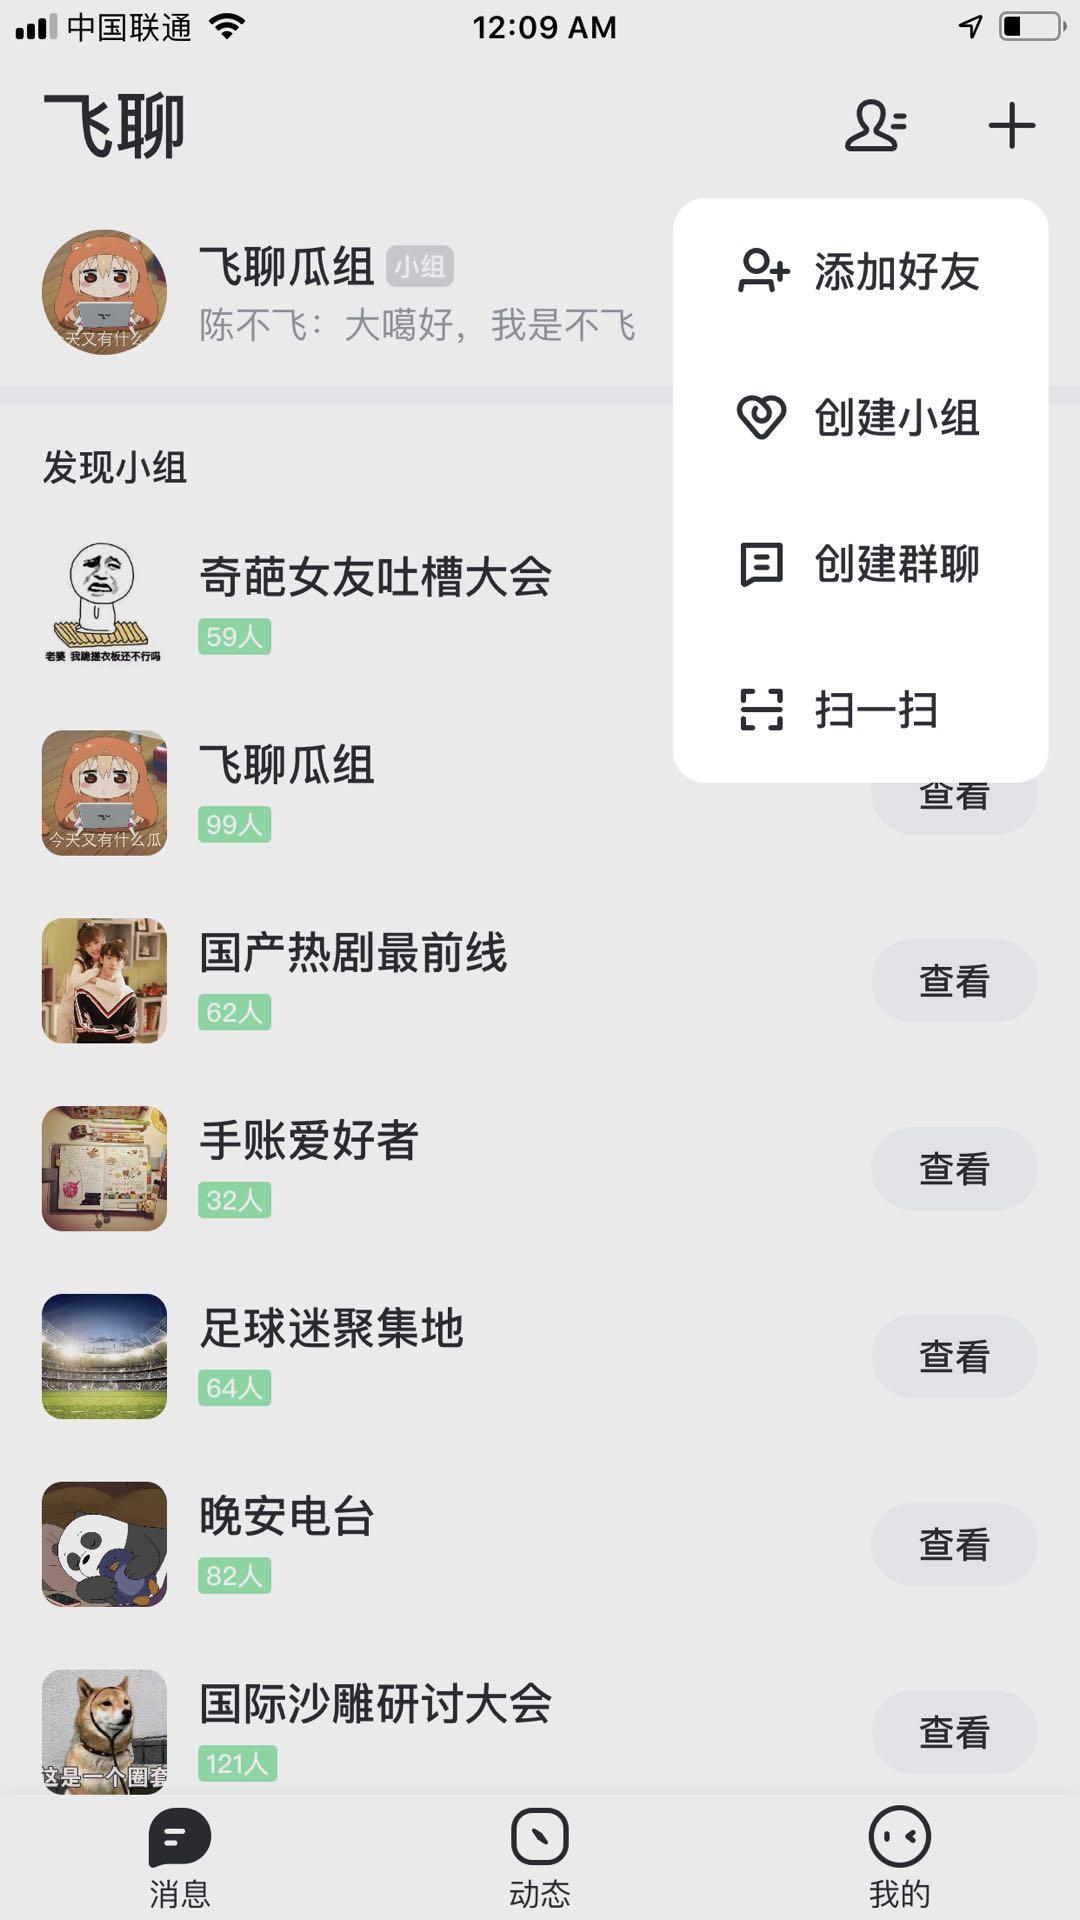 另一方面,添加好友后,对话界面也与微信相似,可以选择文字和语音,并可以进行语音和视频通话。而此前多闪鼓励的是视频通话。